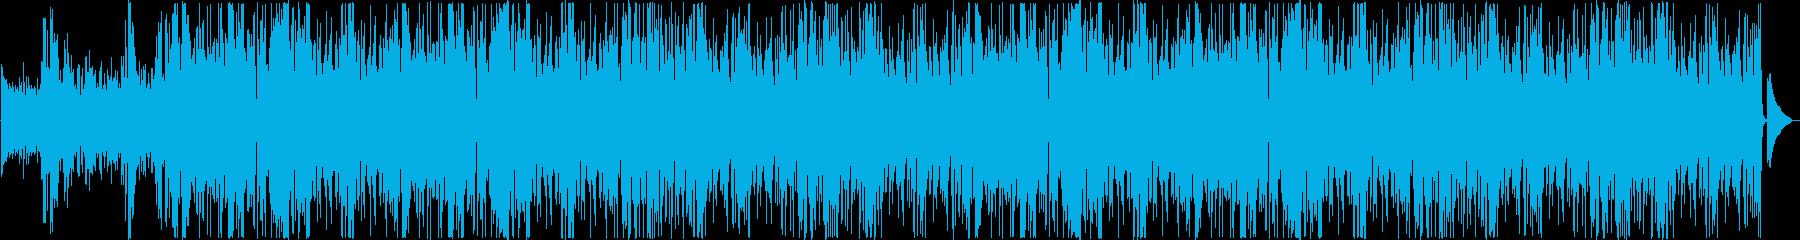 疾走感のあるフラメンコ風BGMの再生済みの波形